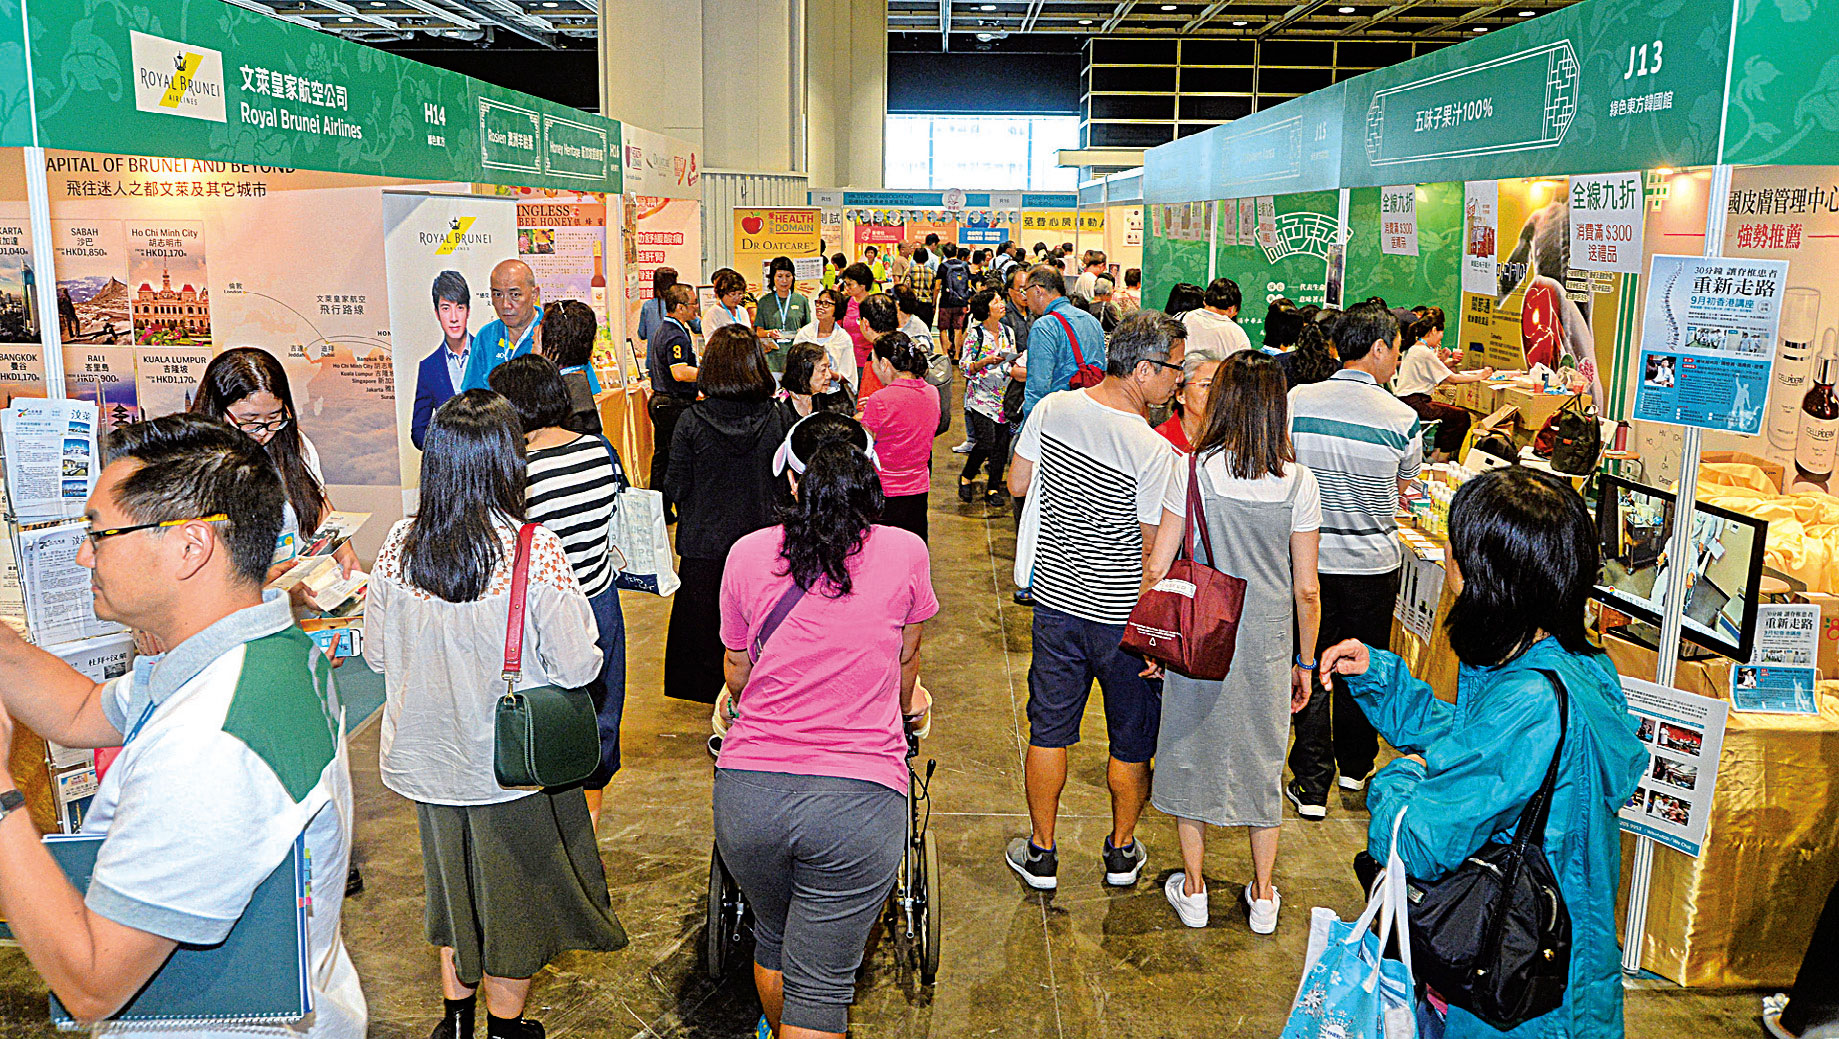 第11屆健康博覽展11日在會展開幕,今年的健康博覽設有三大健康主題專區,從保健、養生、治療、康復、健康科技等方面展出。圖為綠色東方展位。(宋碧龍/大紀元)